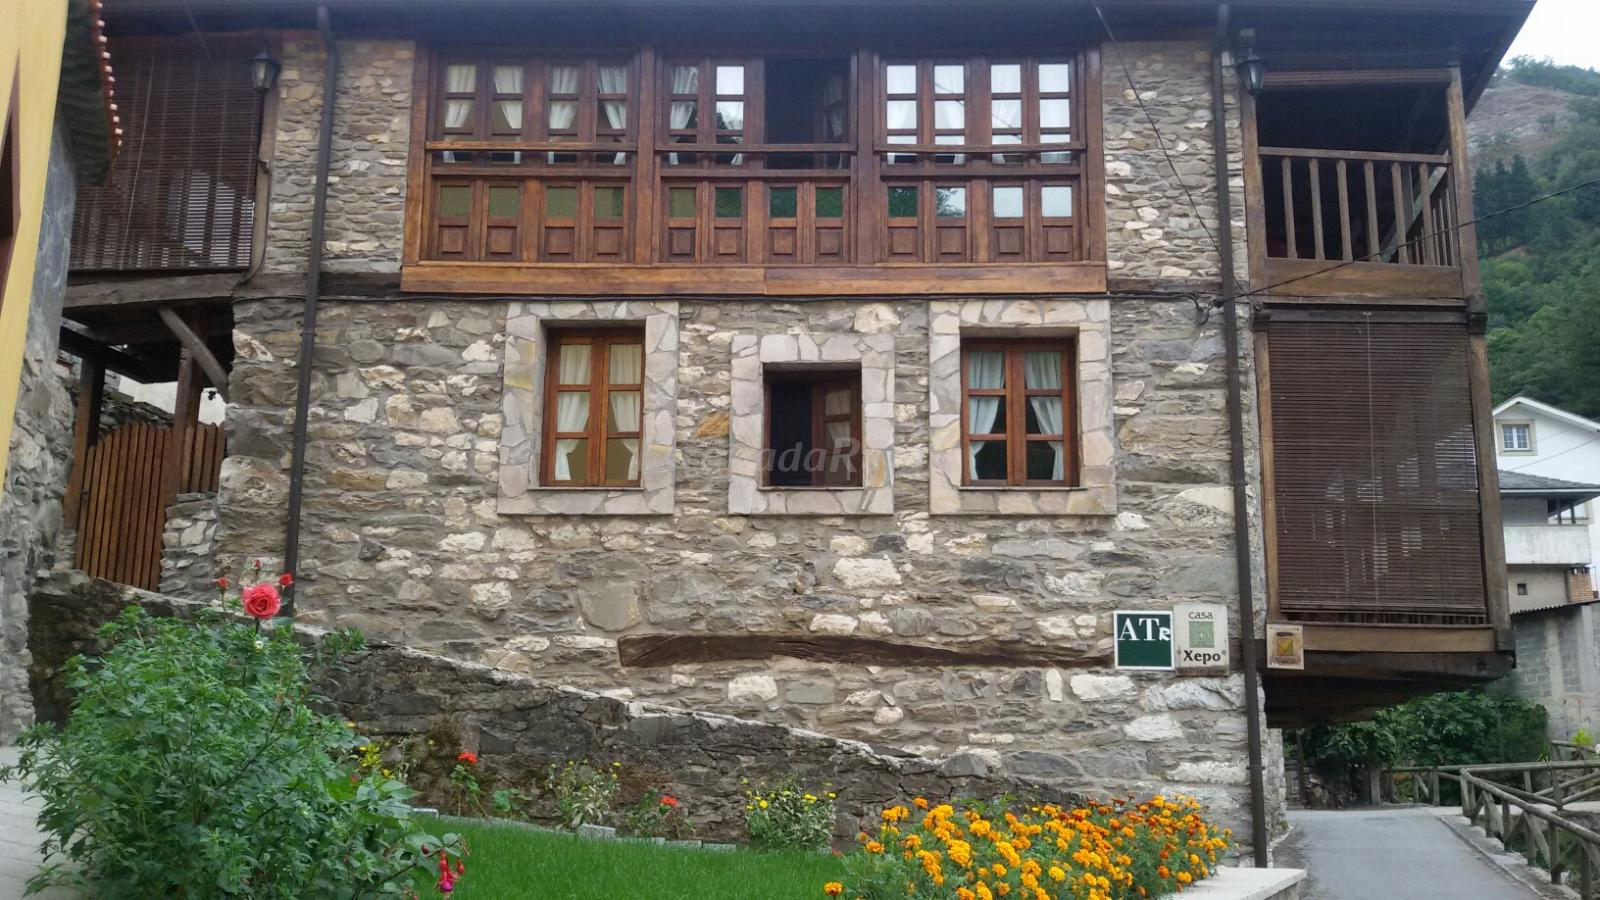 Fotos de apartamentos rurales casa xepo casa rural en cangas del narcea asturias - Apartamentos baratos asturias ...